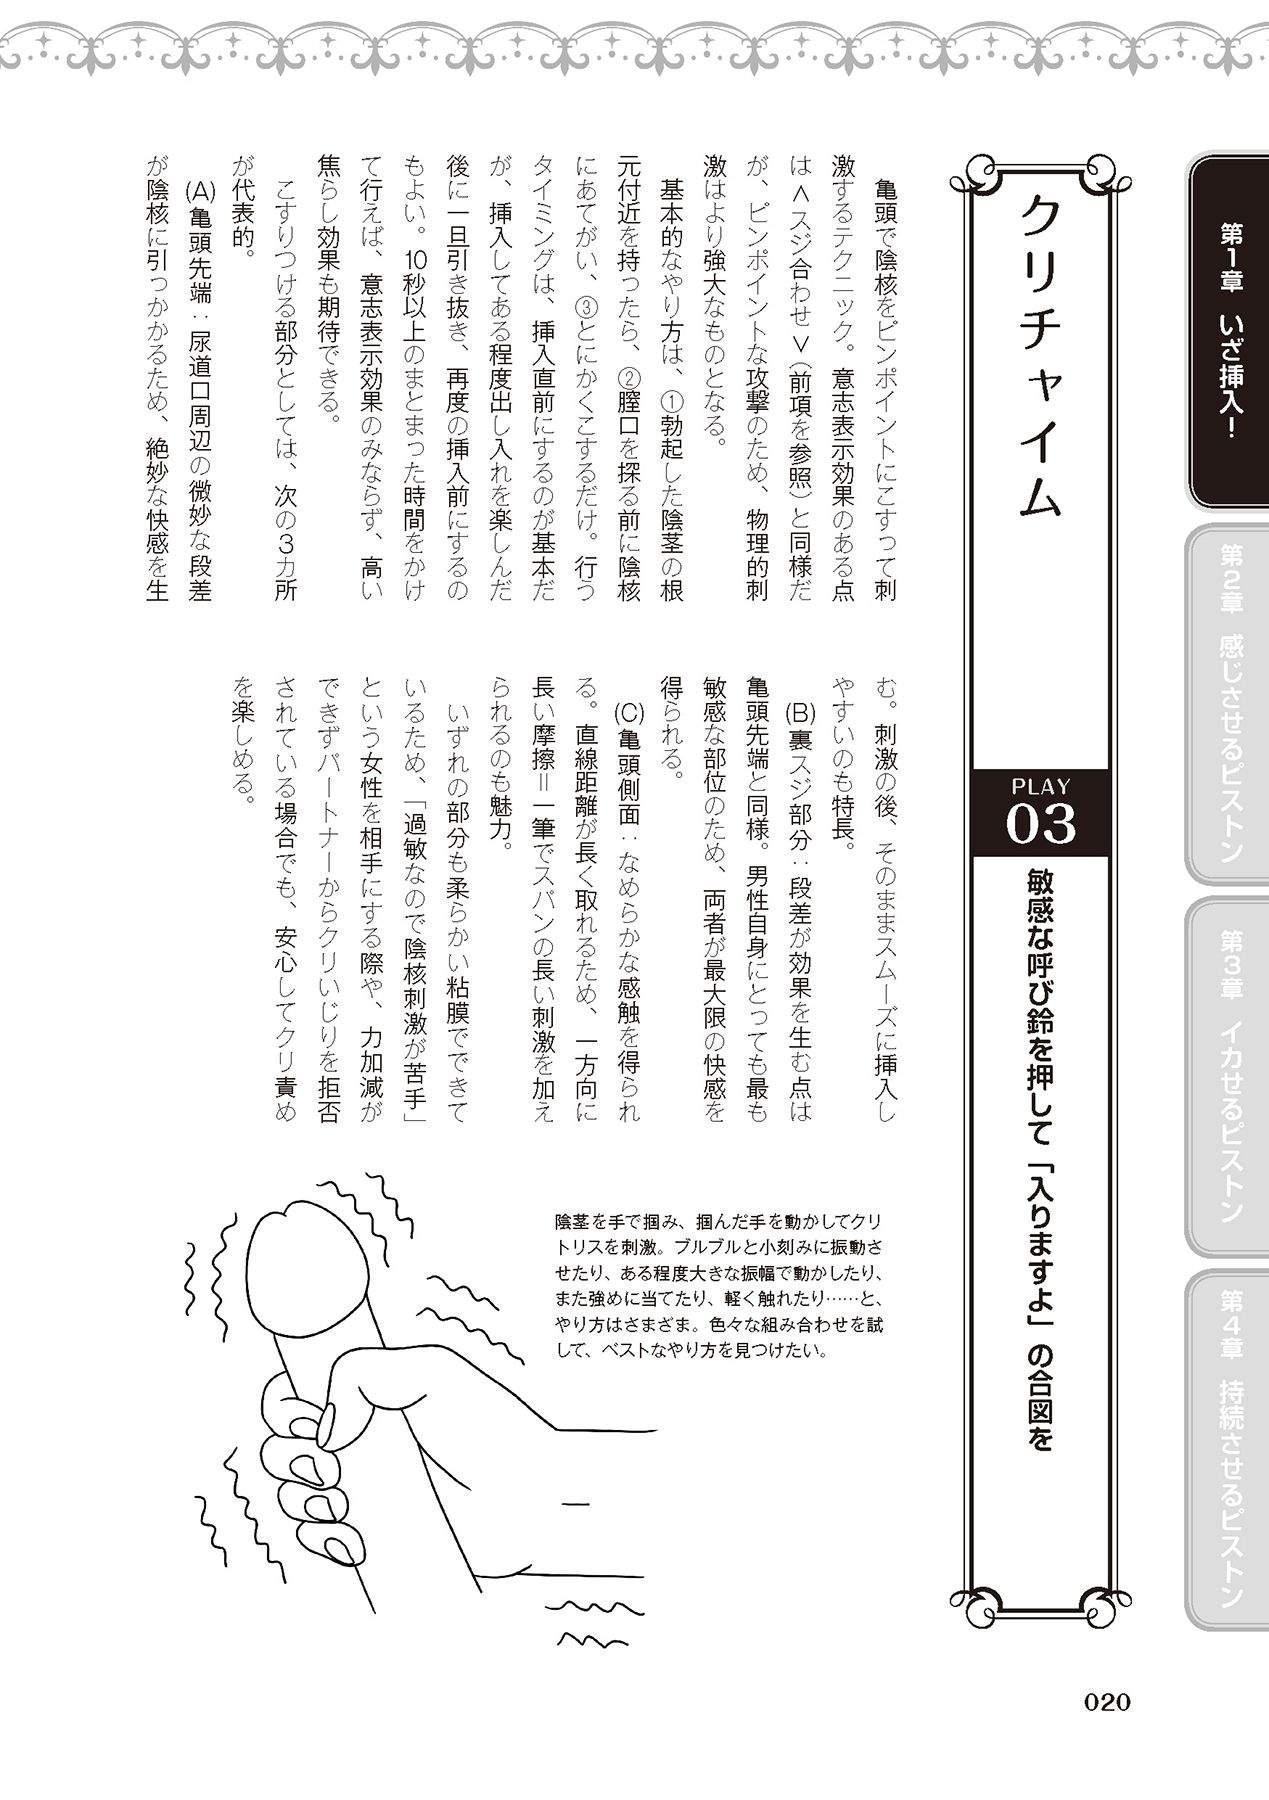 膣挿入&ピストン運動完全マニュアル イラスト版……ピスとんッ! 21